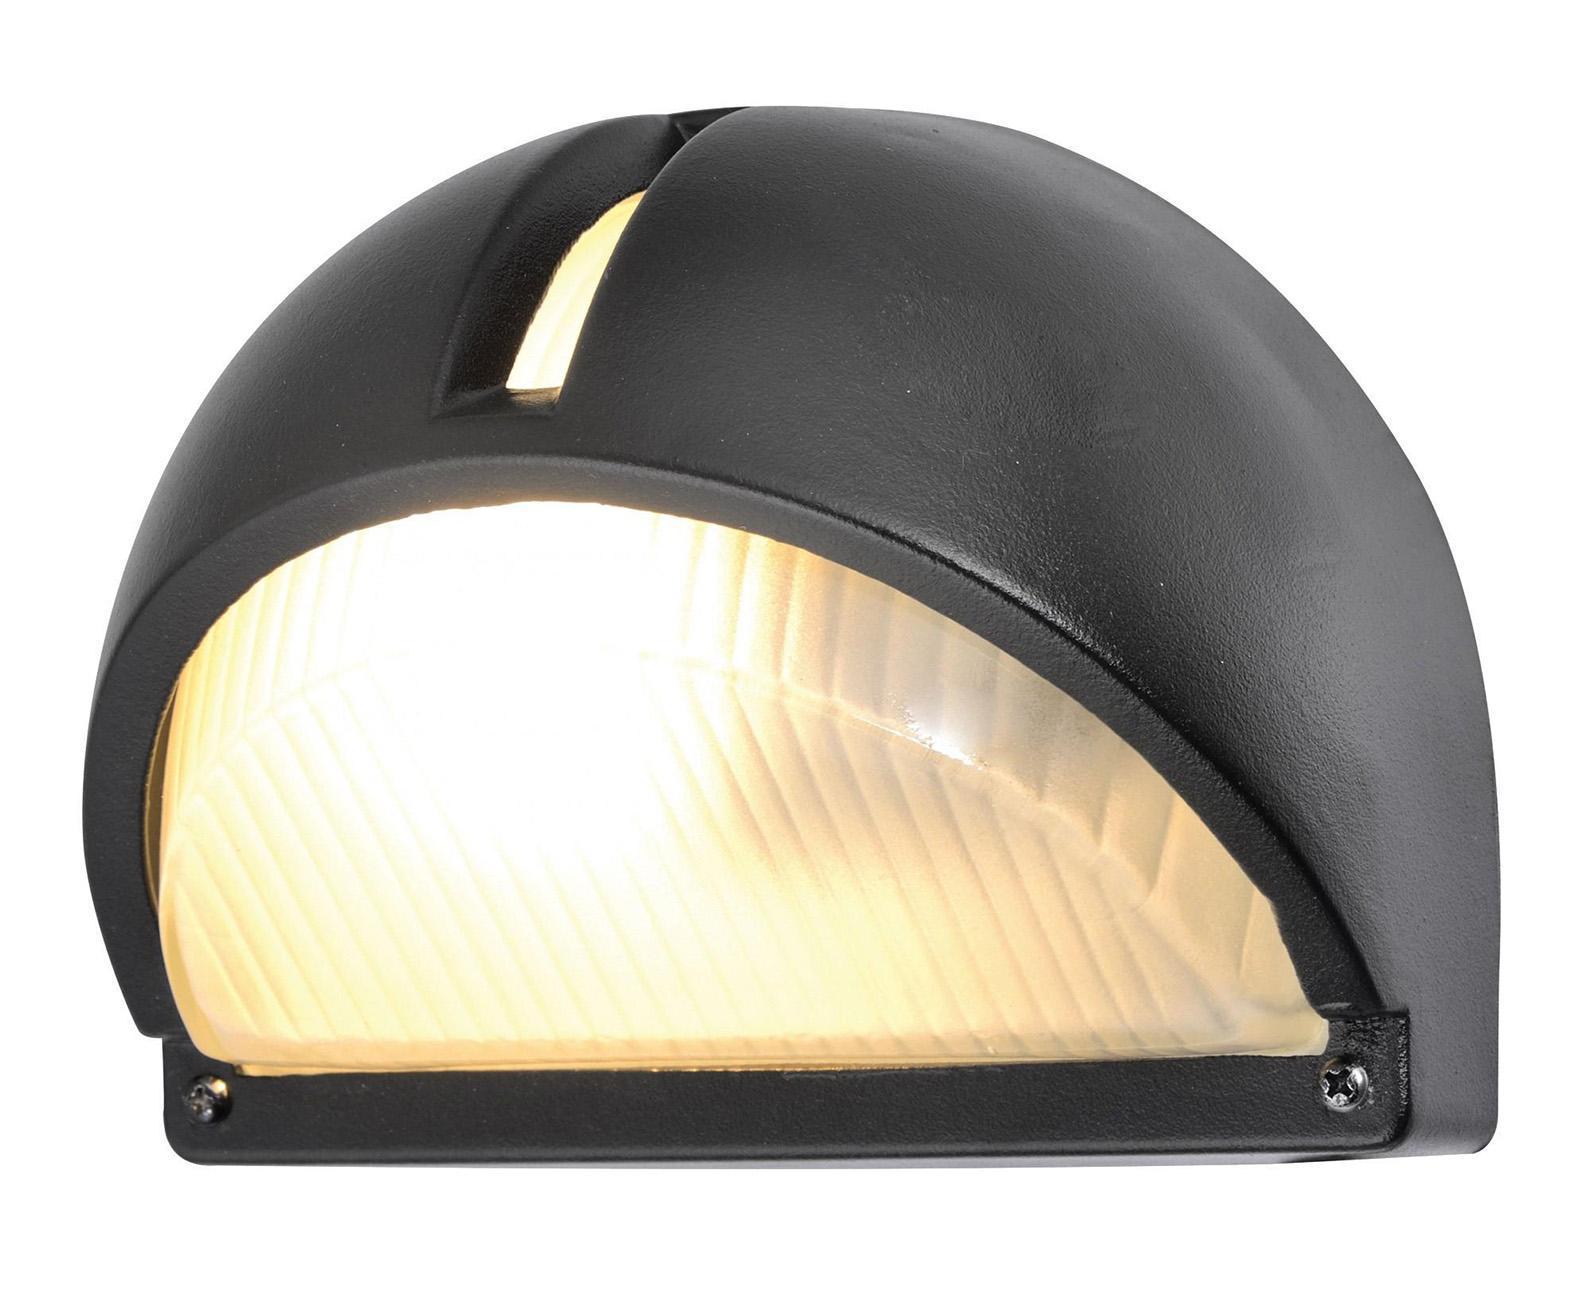 Купить Светильник уличный Arte lamp A2801al-1bk